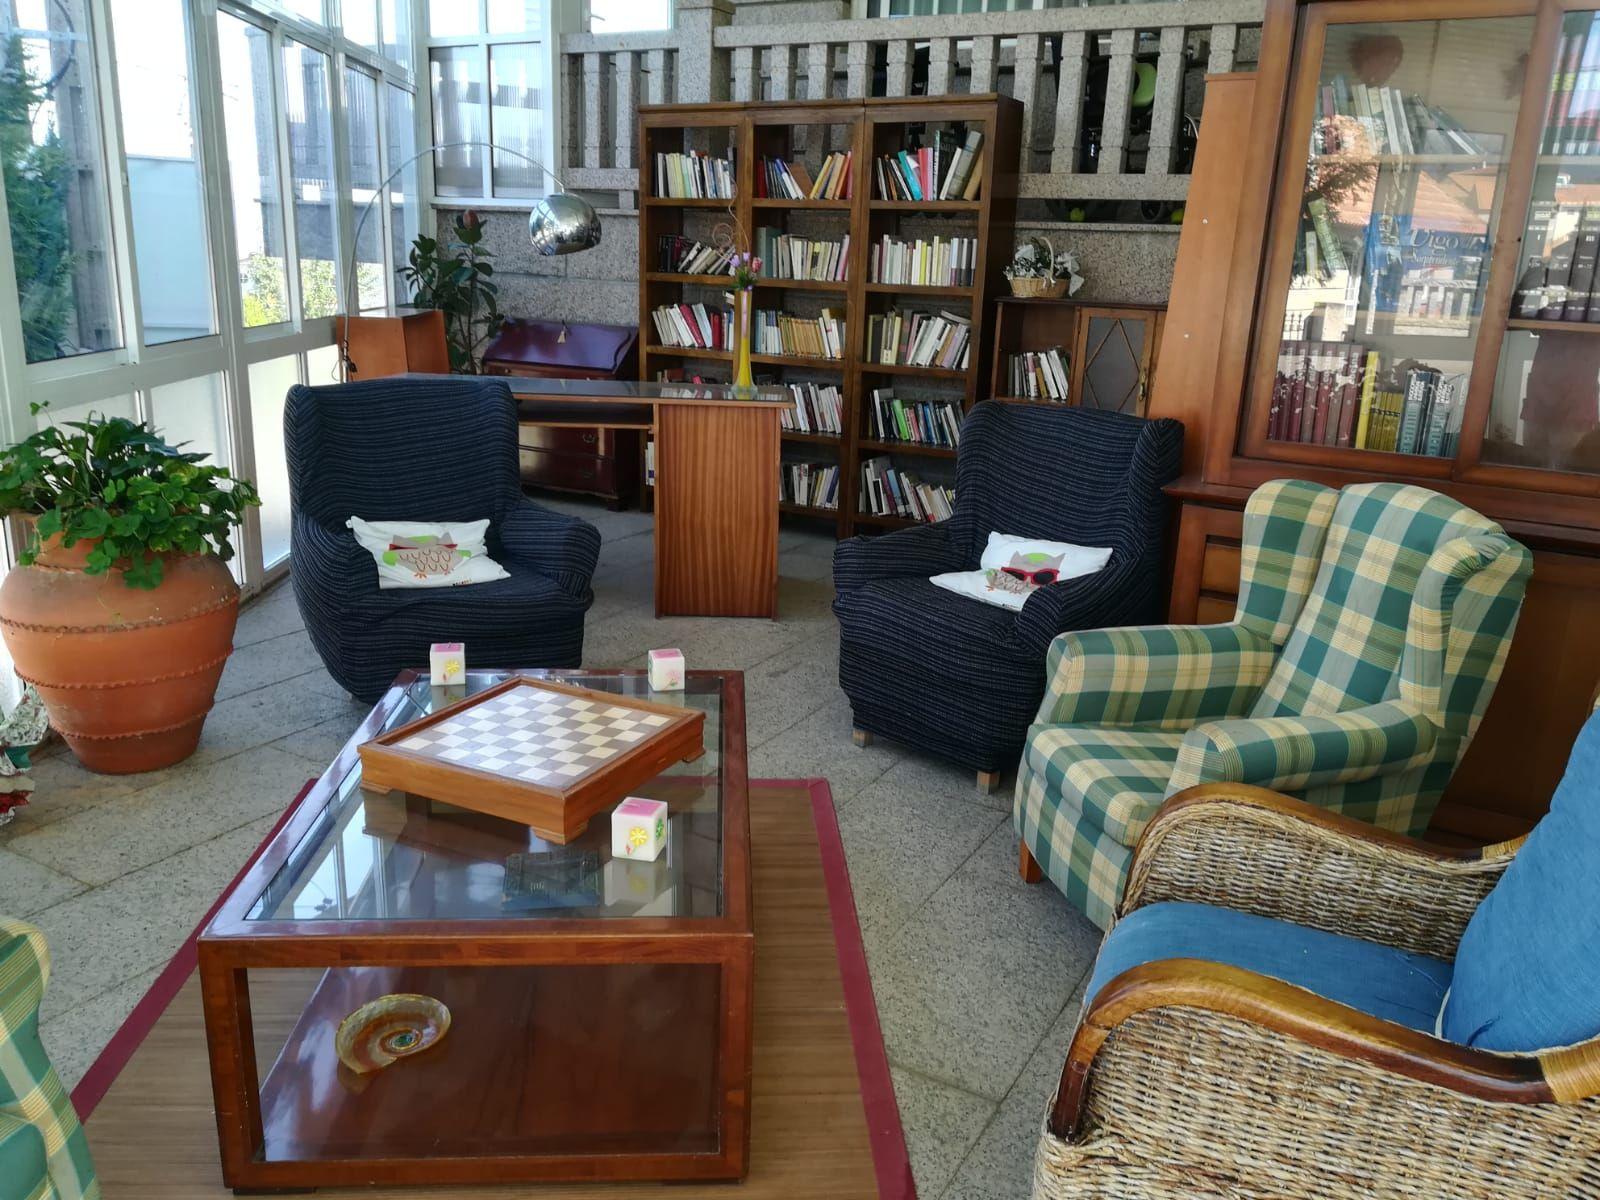 Ambiente hogareño que fomenta la interrelación entre los residentes y sus familias